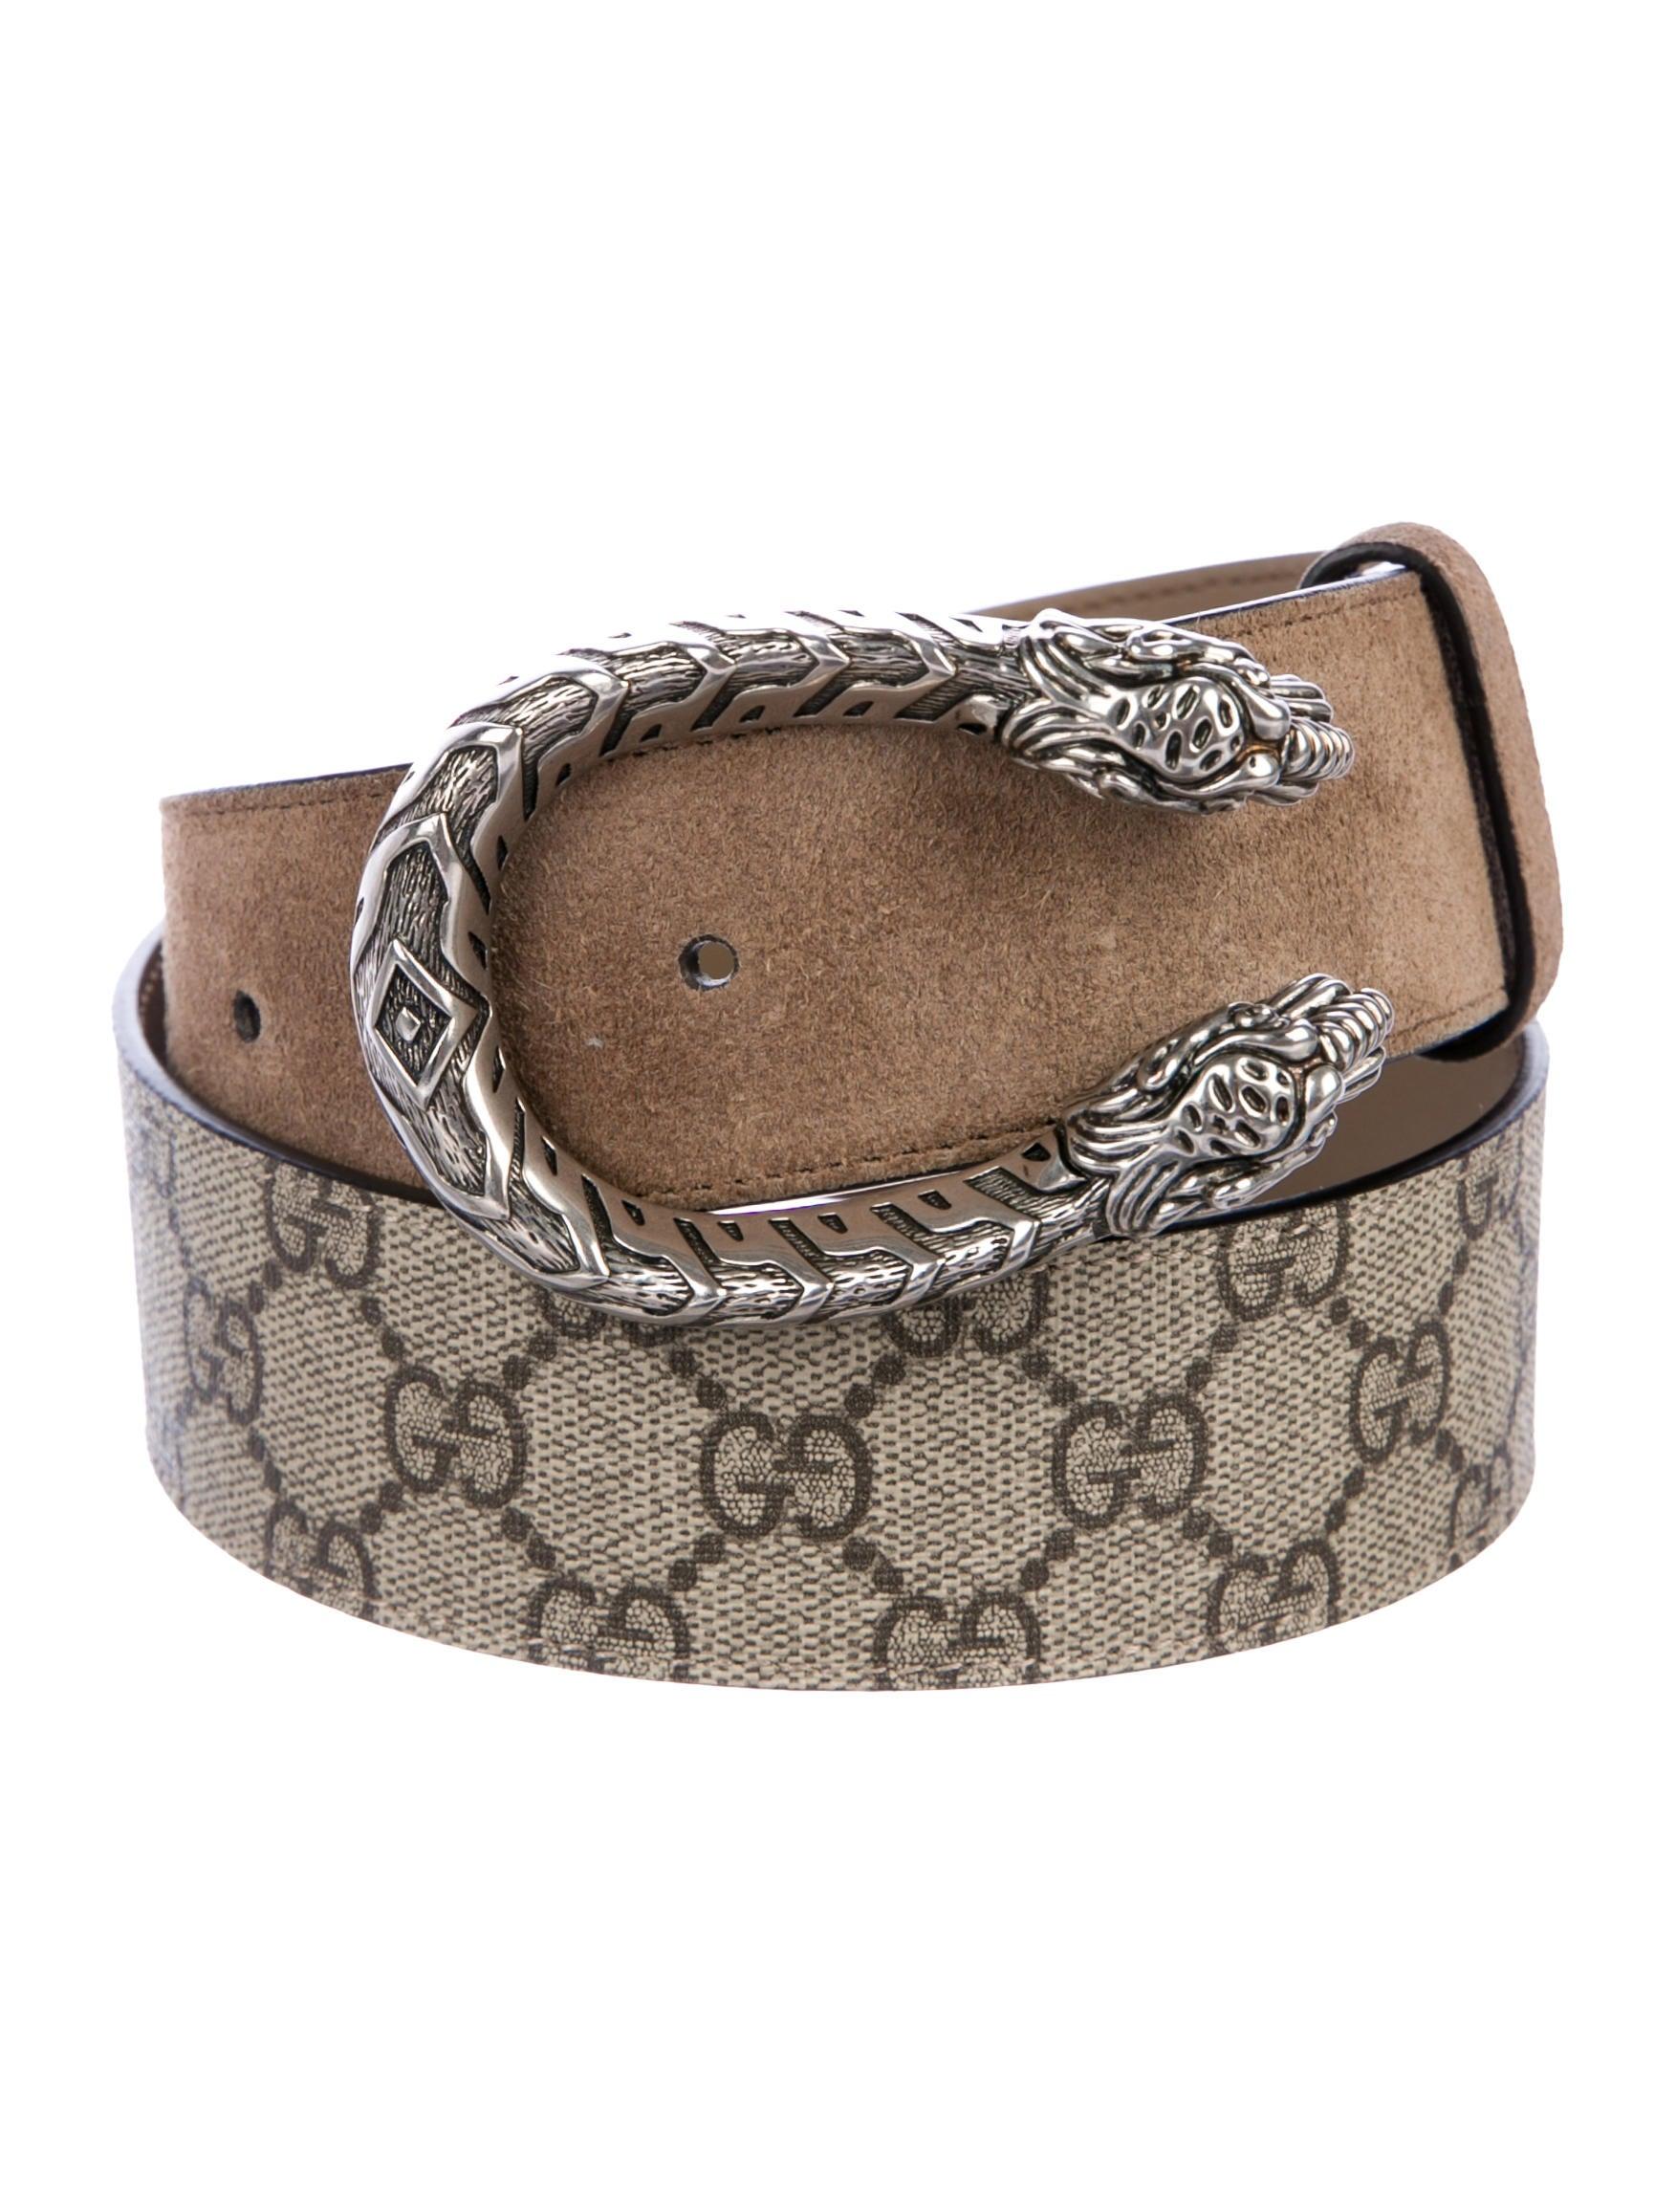 89299a67bb6 Gucci Dionysus GG Supreme Belt - Accessories - GUC285376